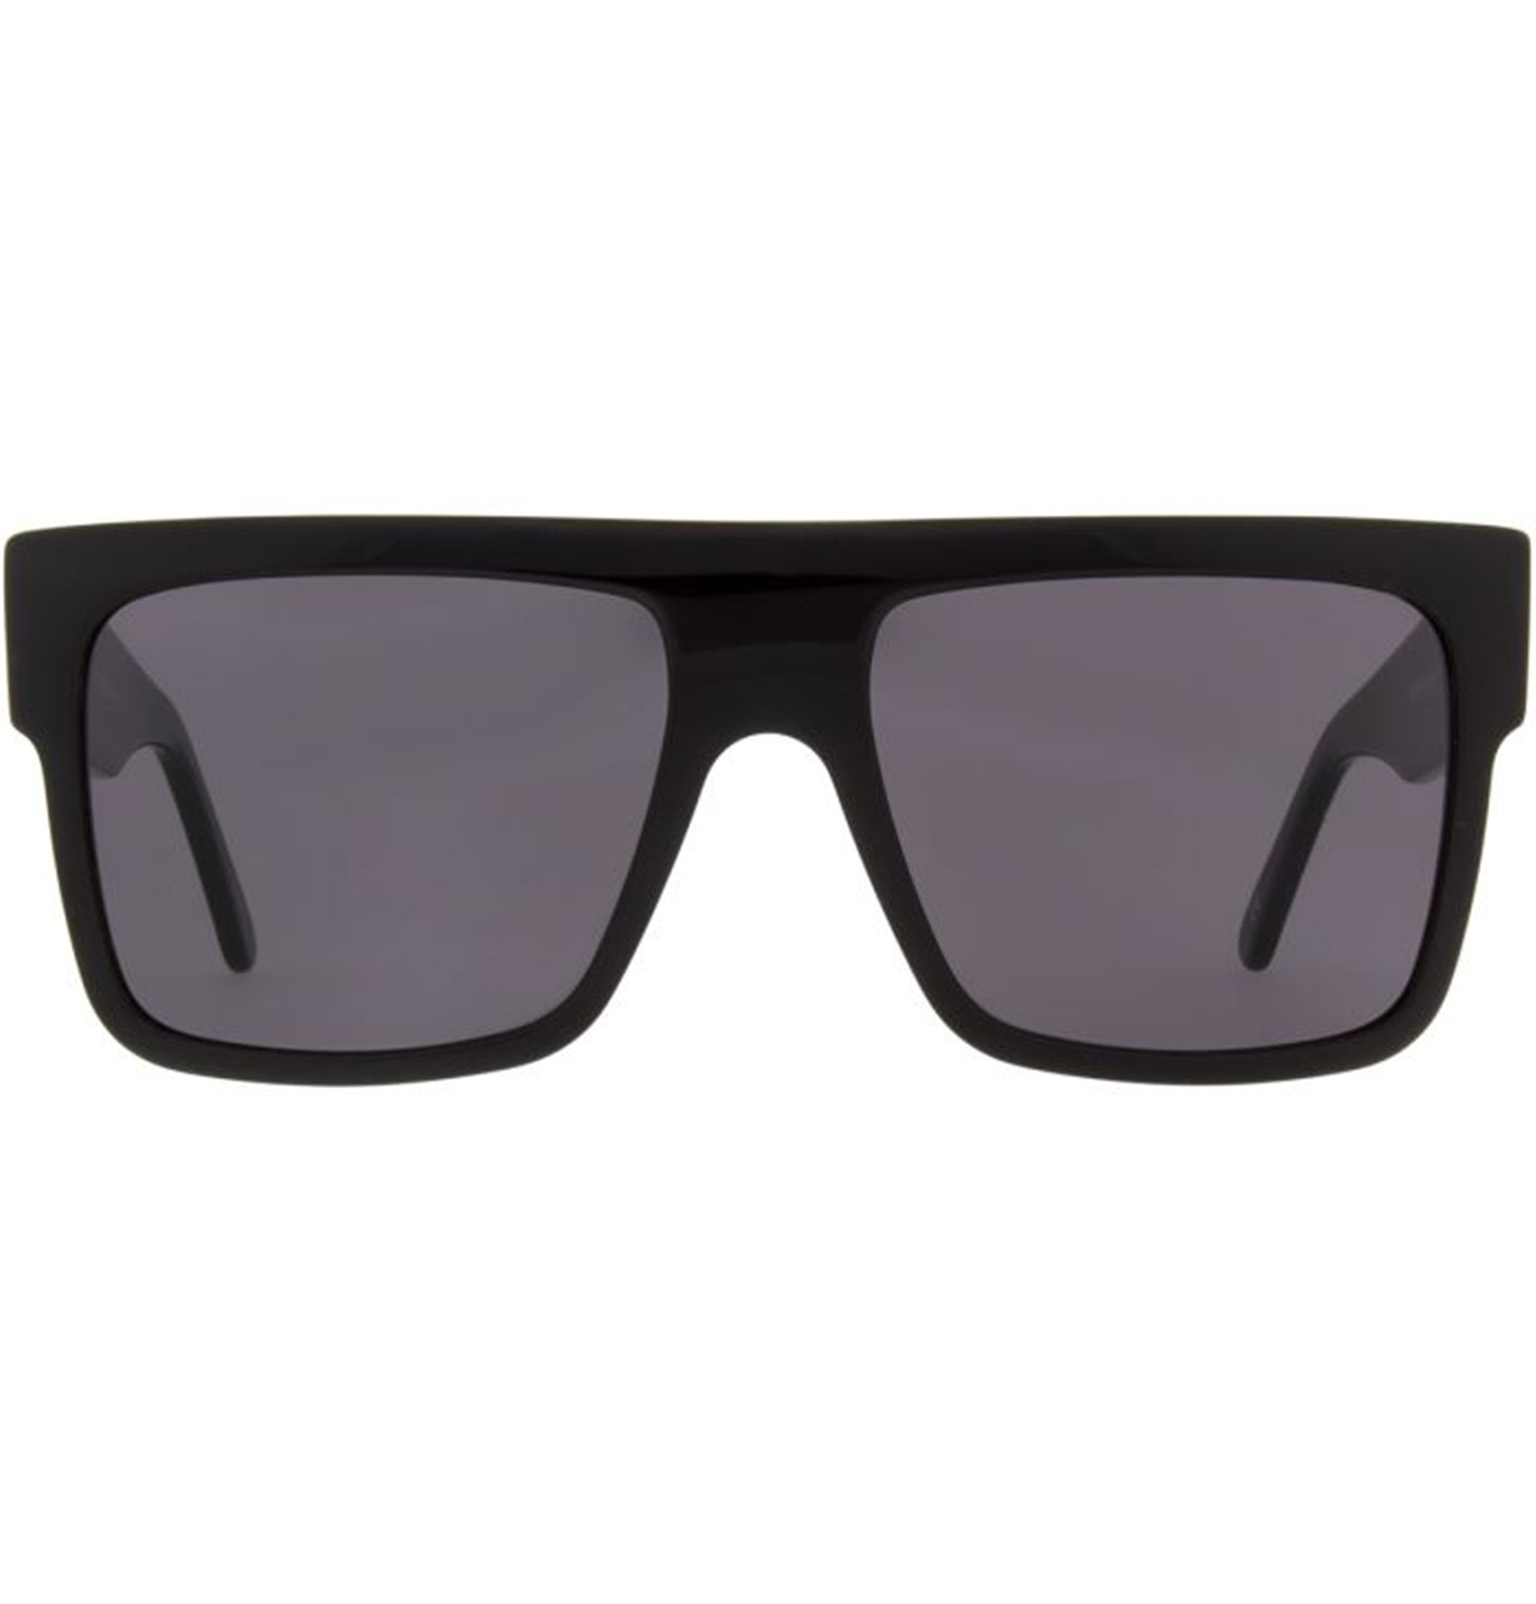 Die besten Sonnenbrillen für Männer 2019